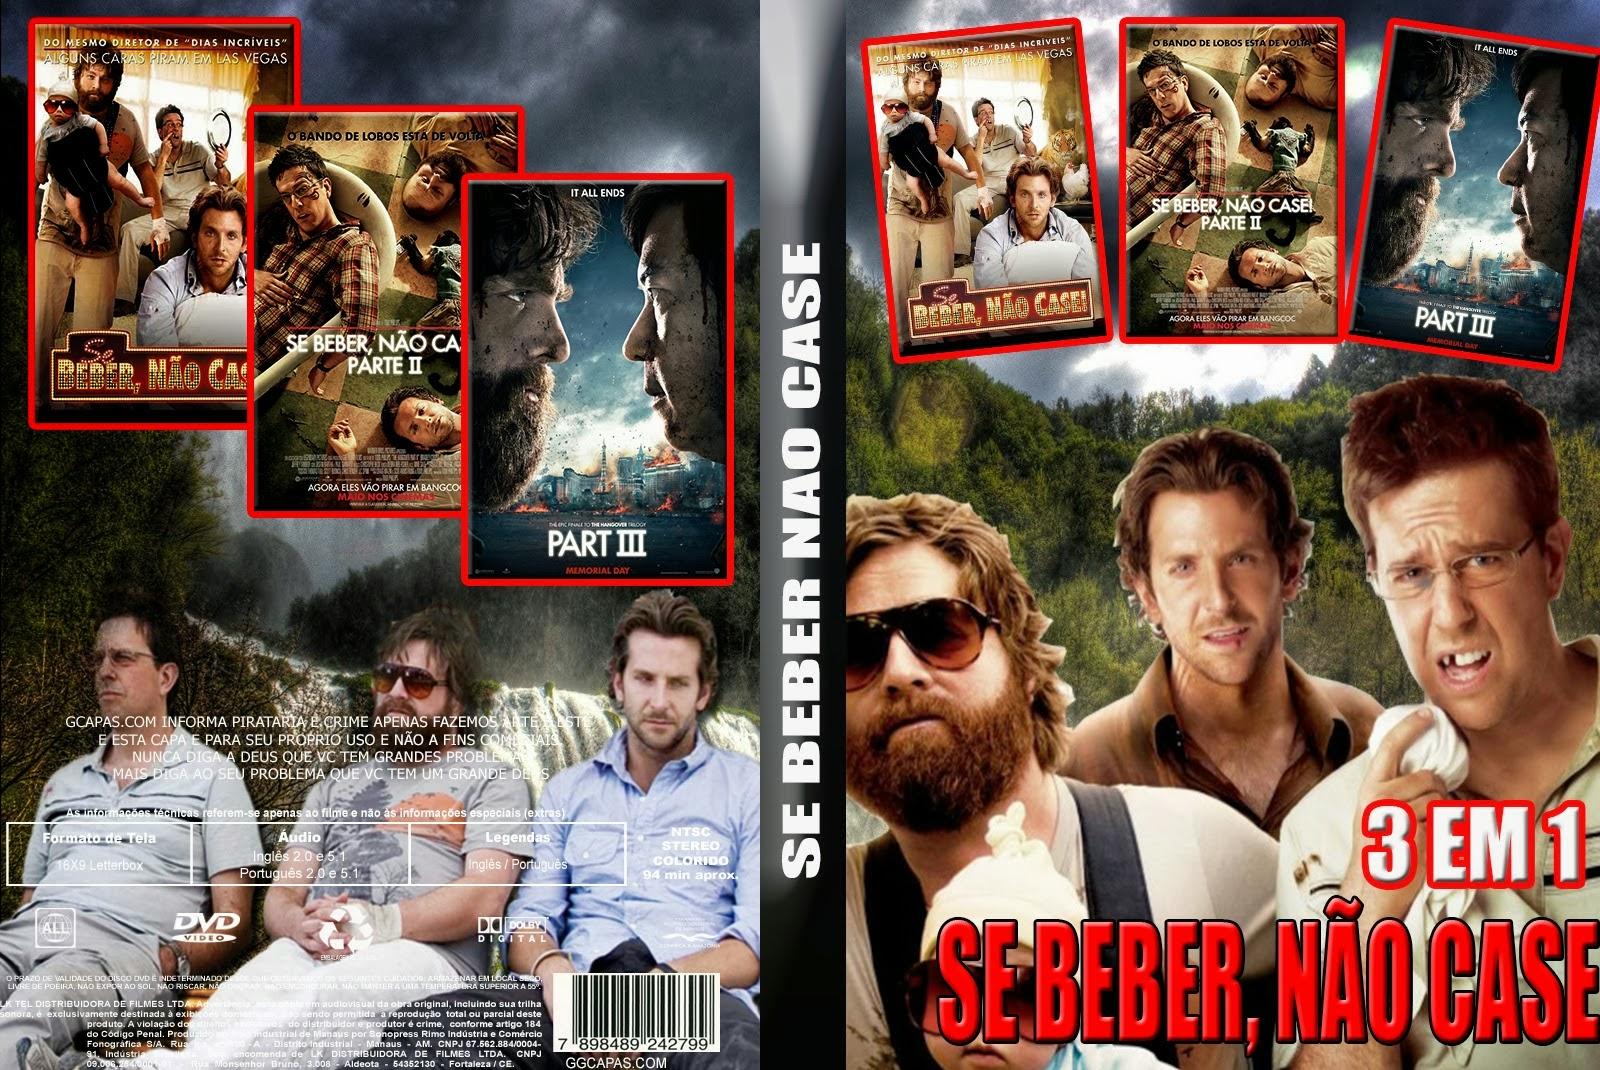 Trilogia Se beber não Case DVDRip 720p x264 Dublado SE BEBER NAO CASE 3 EM 1